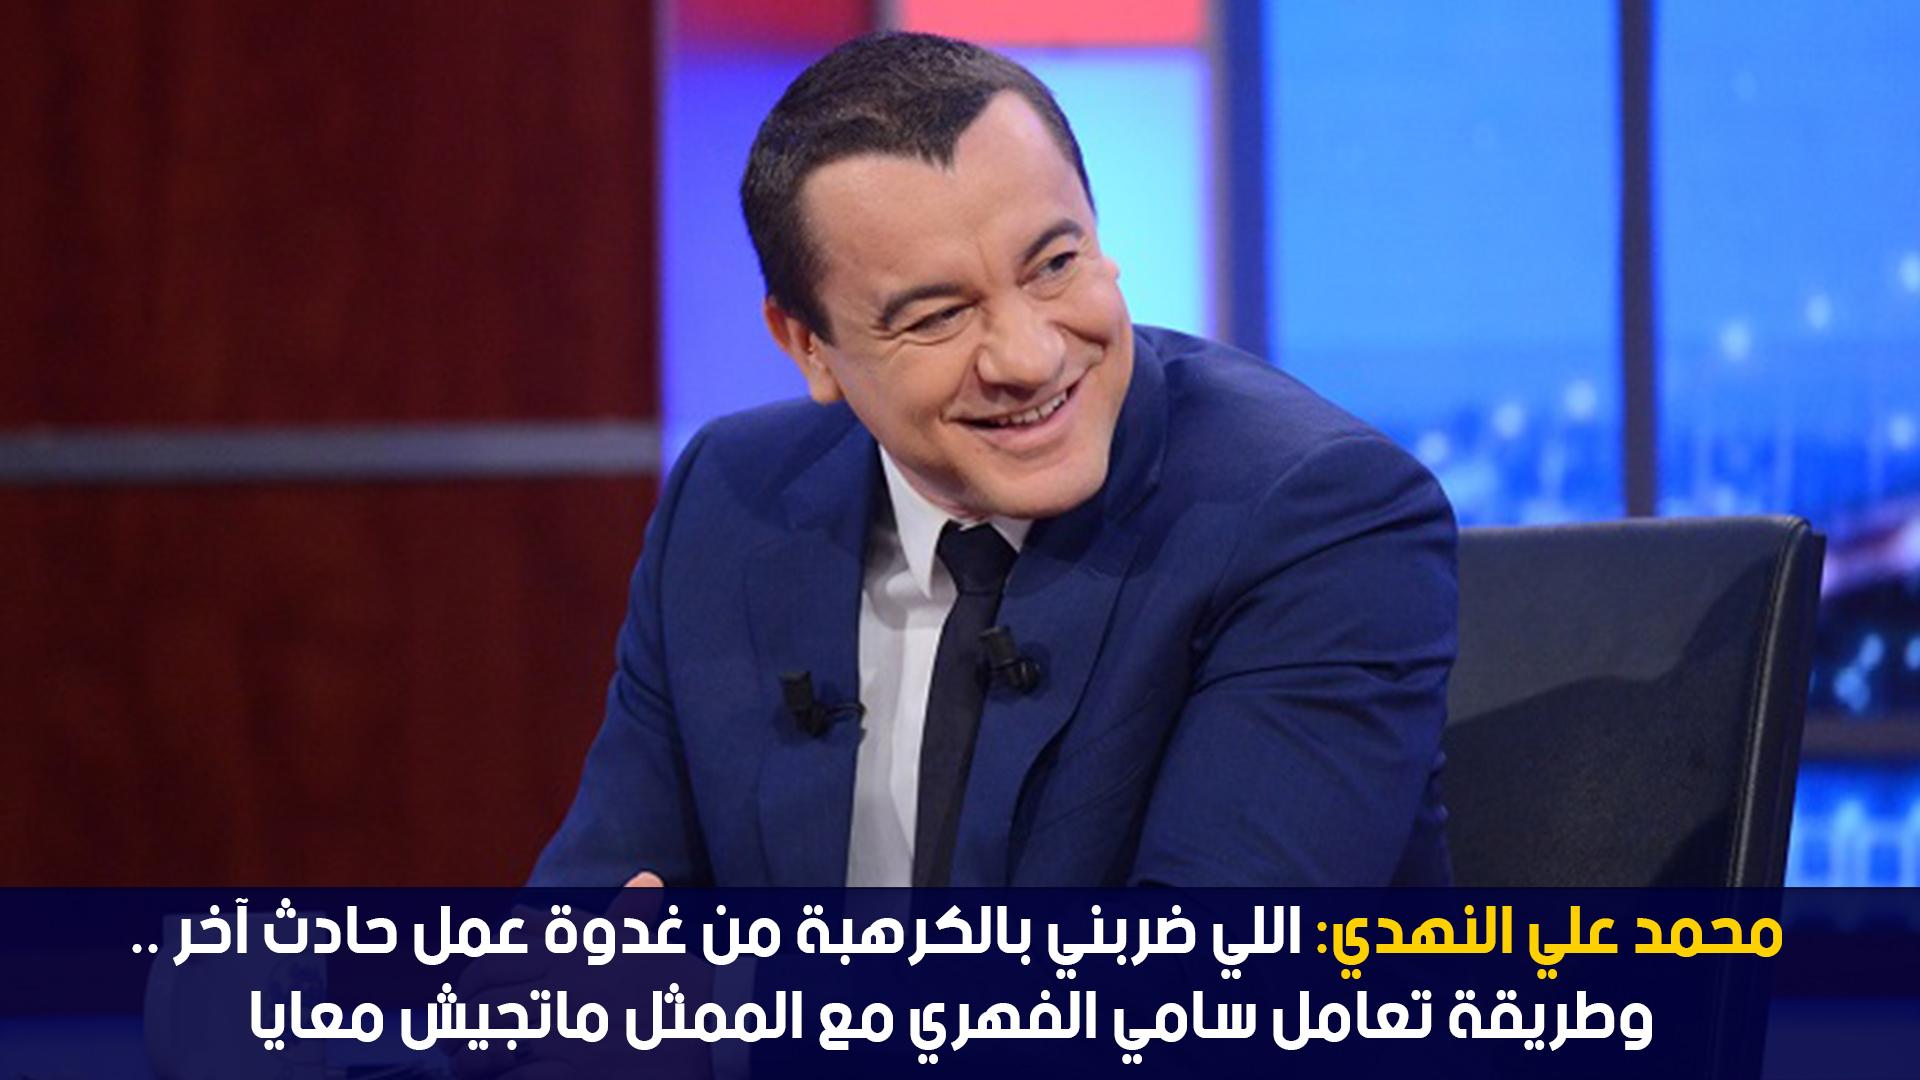 اللي ضربني بالكرهبة من غدوة عمل حادث آخر .. وسامي الفهري courant مايتعداش معاه